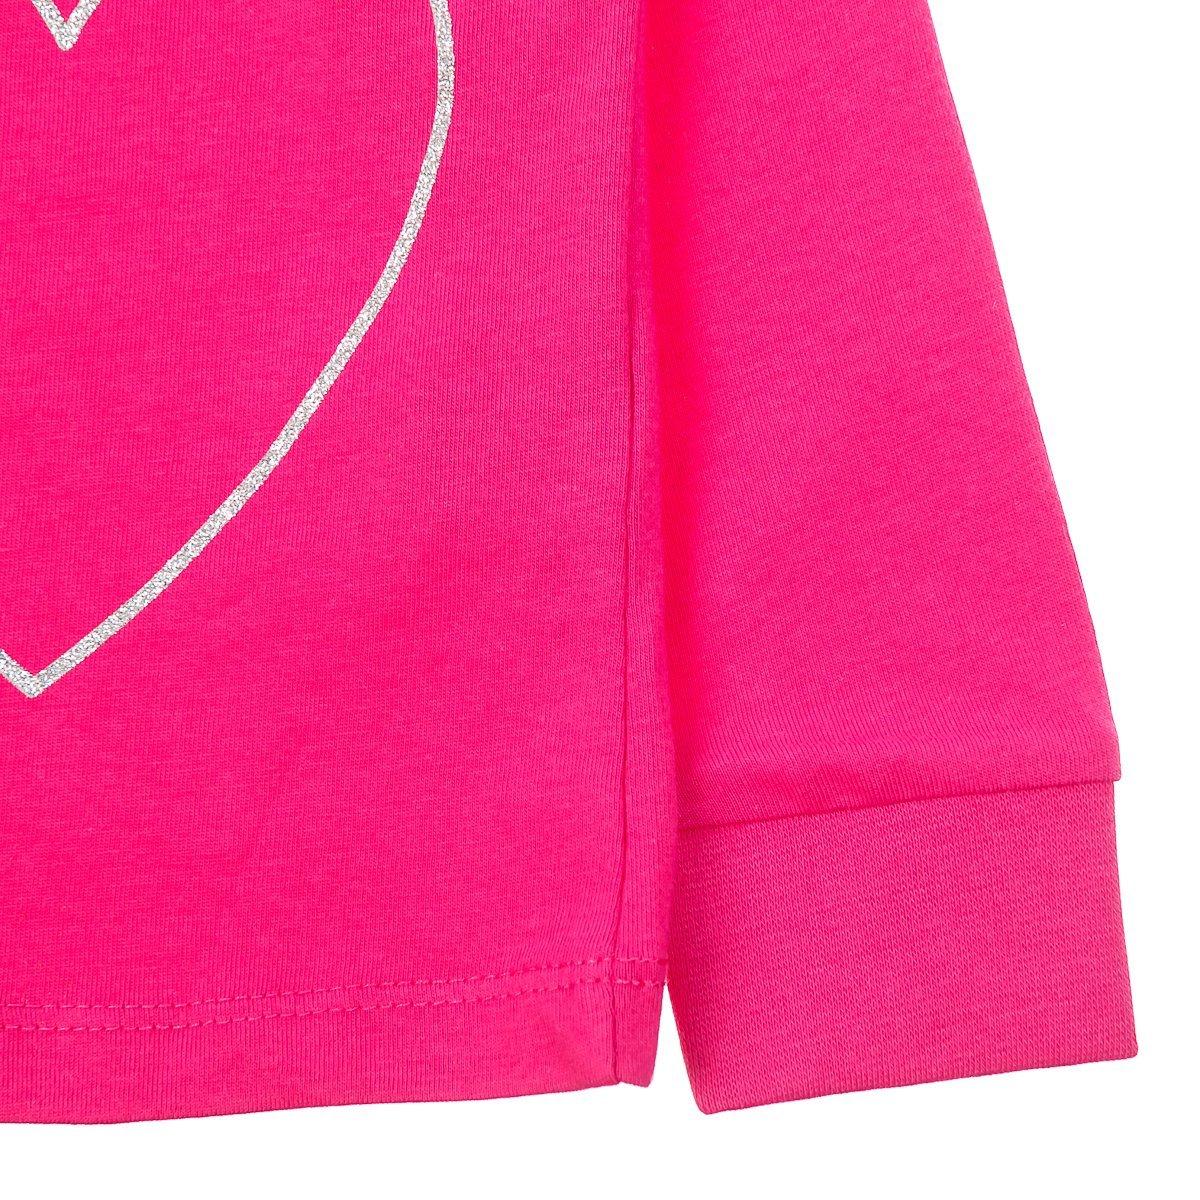 Купить Нижнее белье, пижамы, халаты, Пижама BluKids Love to the Moon and back, р. 98 5264548 ТМ: BluKids, белый с розовым